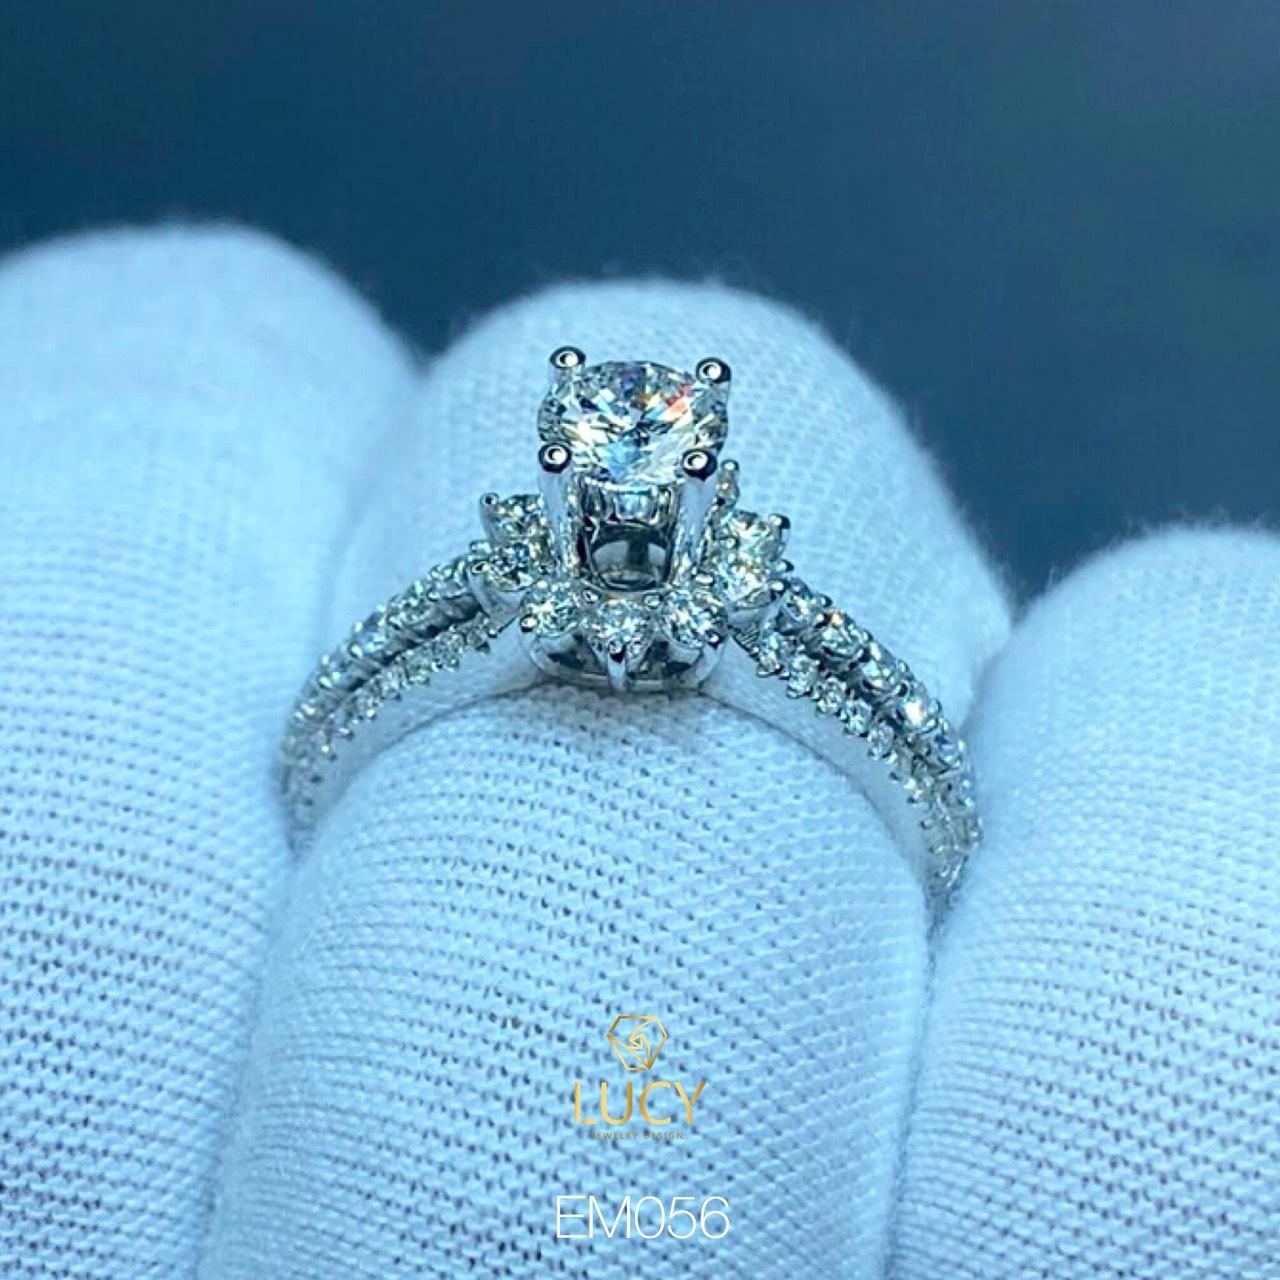 EM056 Nhẫn nữ vàng, nhẫn ổ kim 5.4mm 5.5mm, nhẫn nữ thiết kế, nhẫn cầu hôn, nhẫn đính hôn - Lucy Jewelry